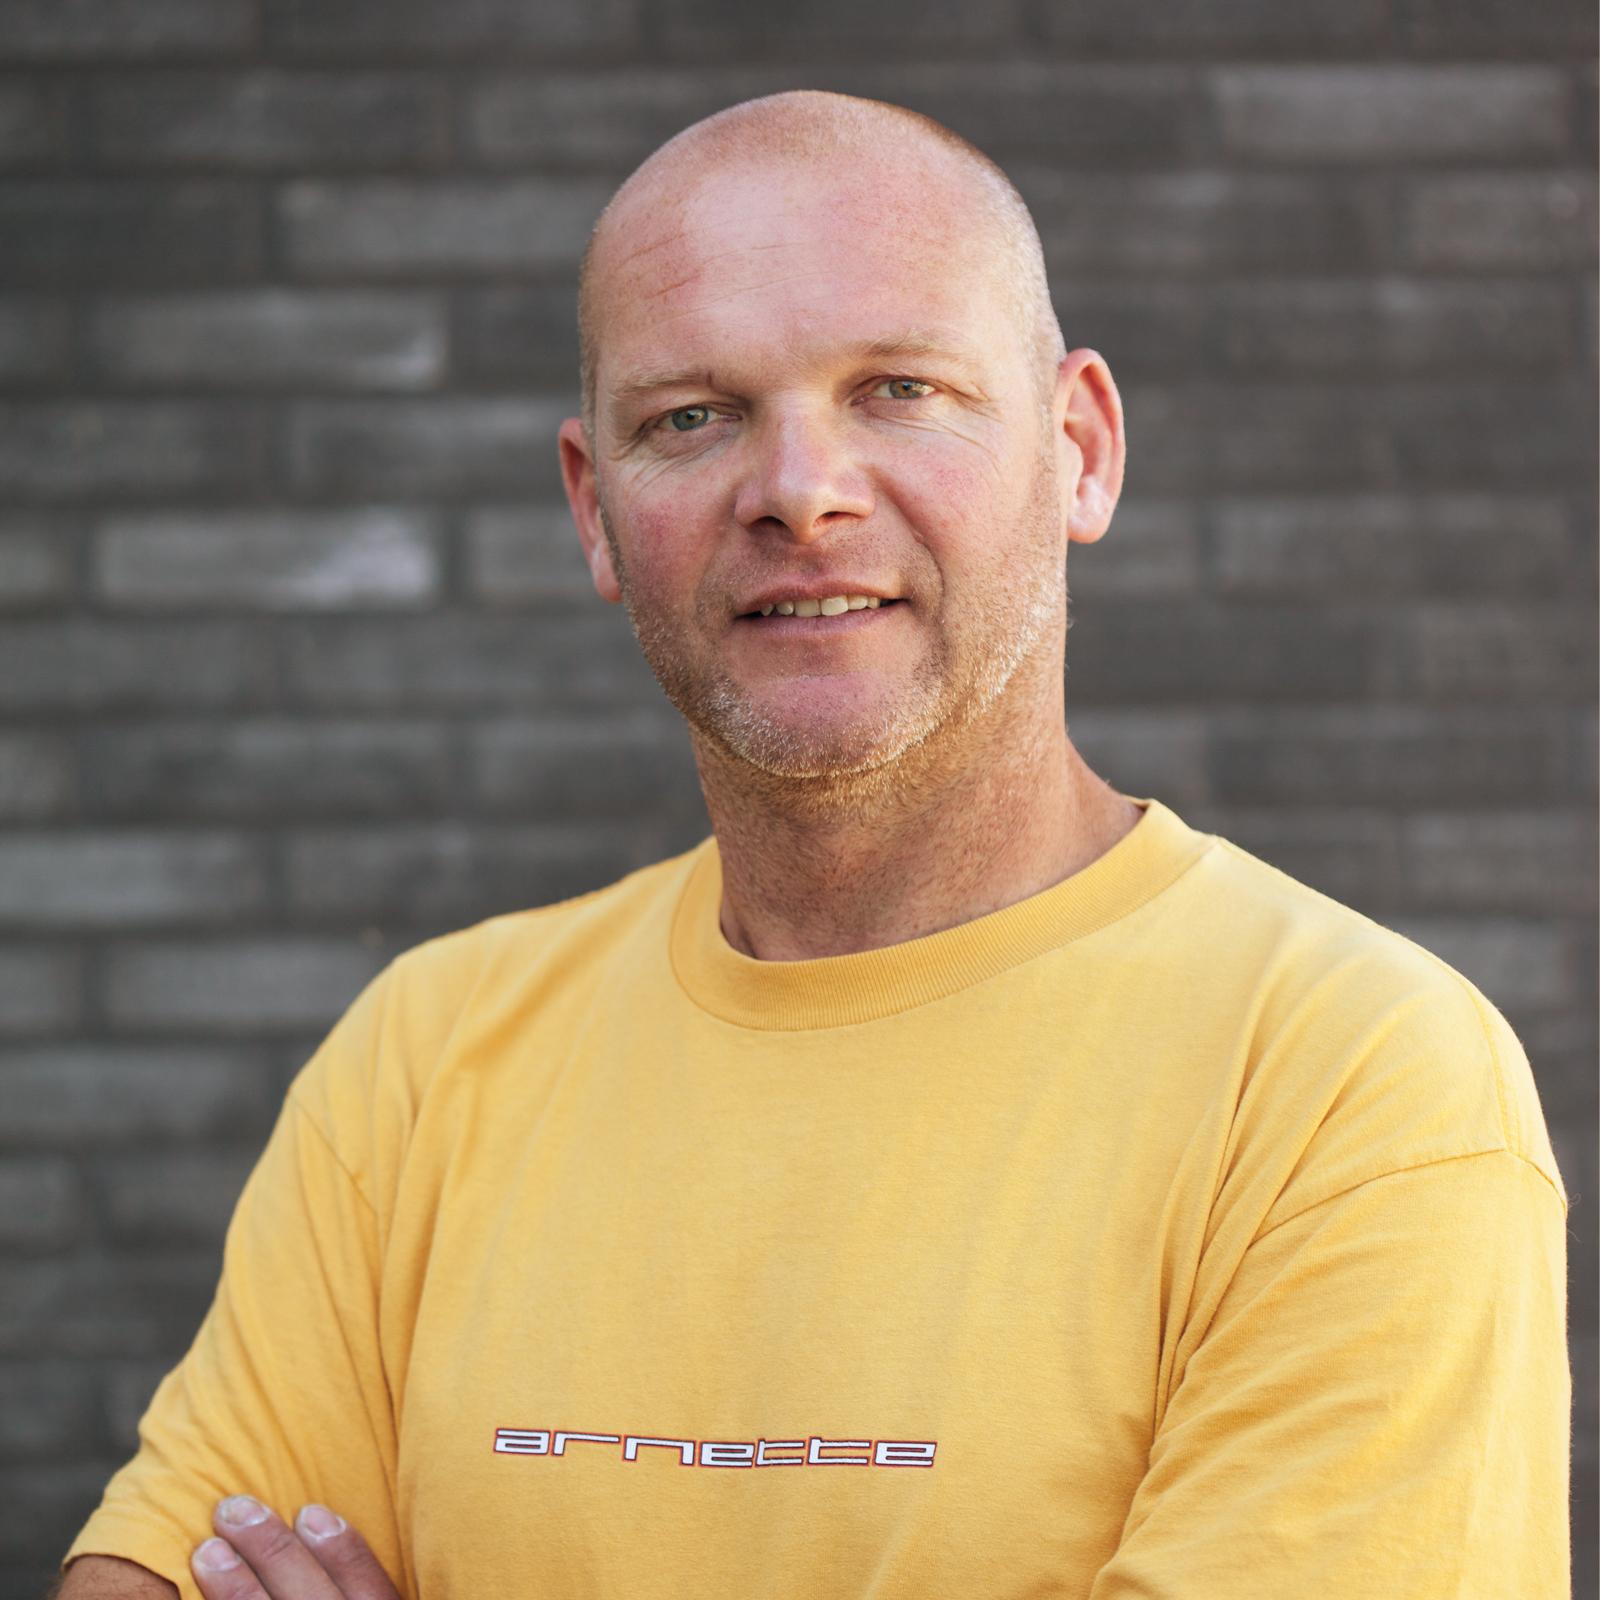 Maarten Kors